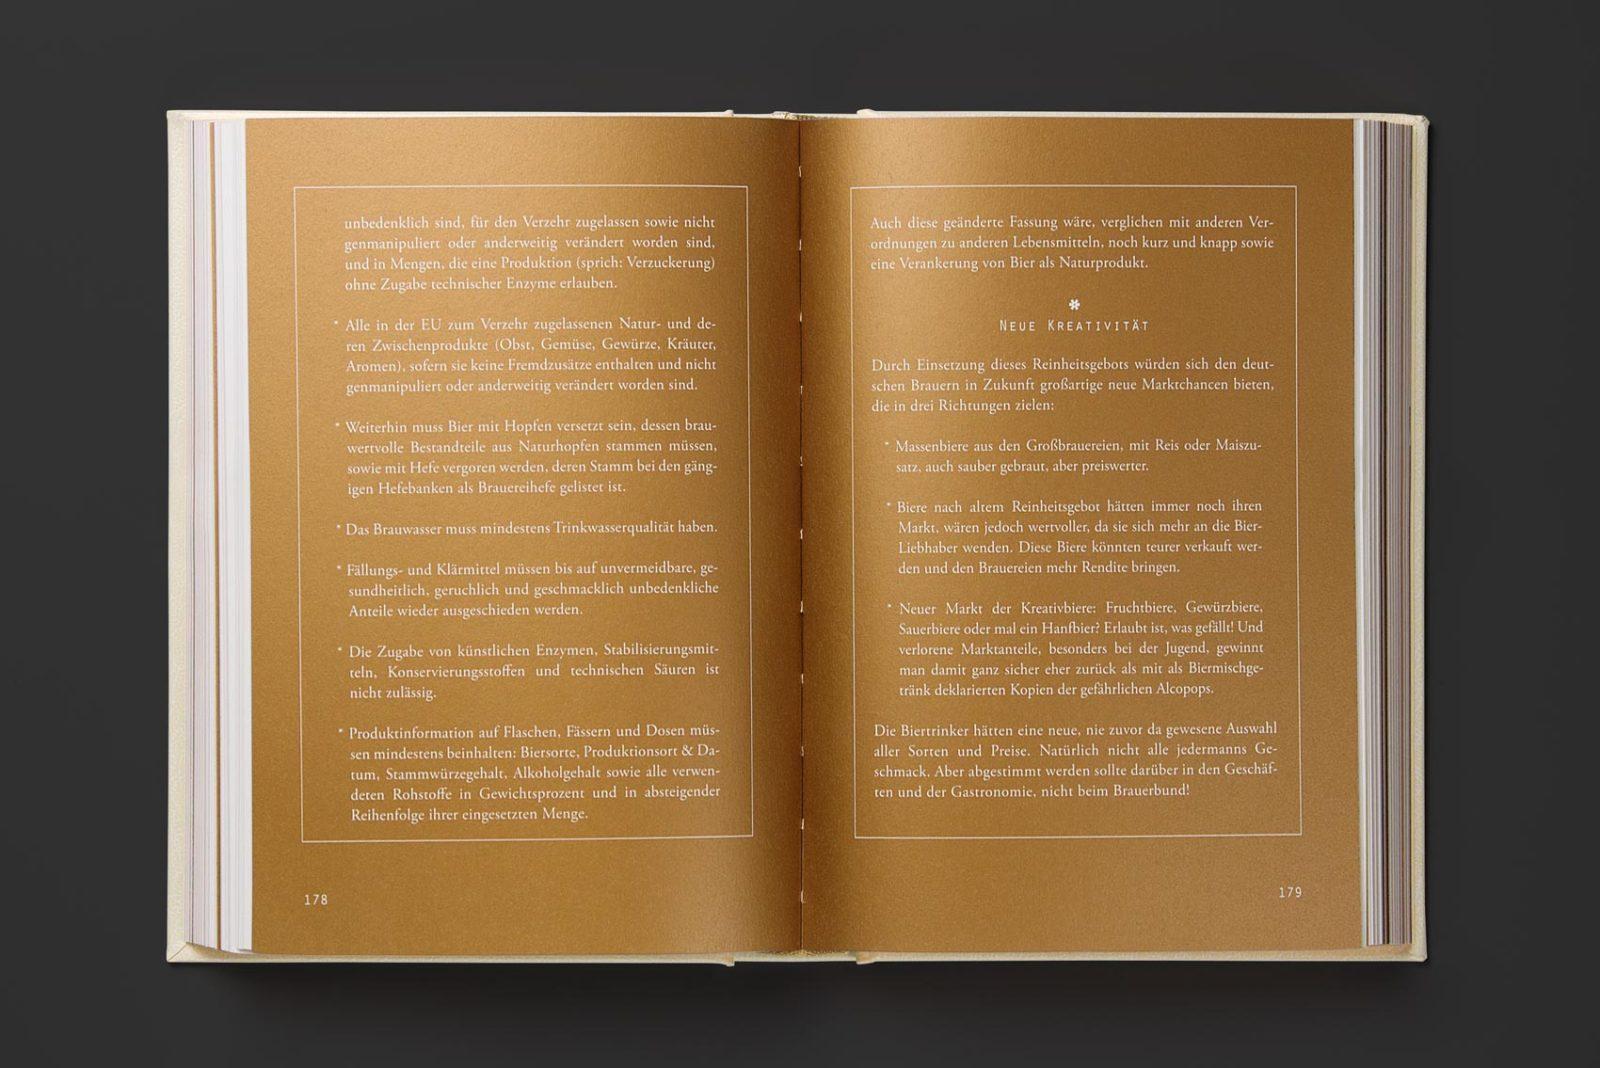 Editienne Grafikdesign - Kommunikationsdesign Berlin- Buchgestaltung Cocktailian 3- Bier&Craft 42